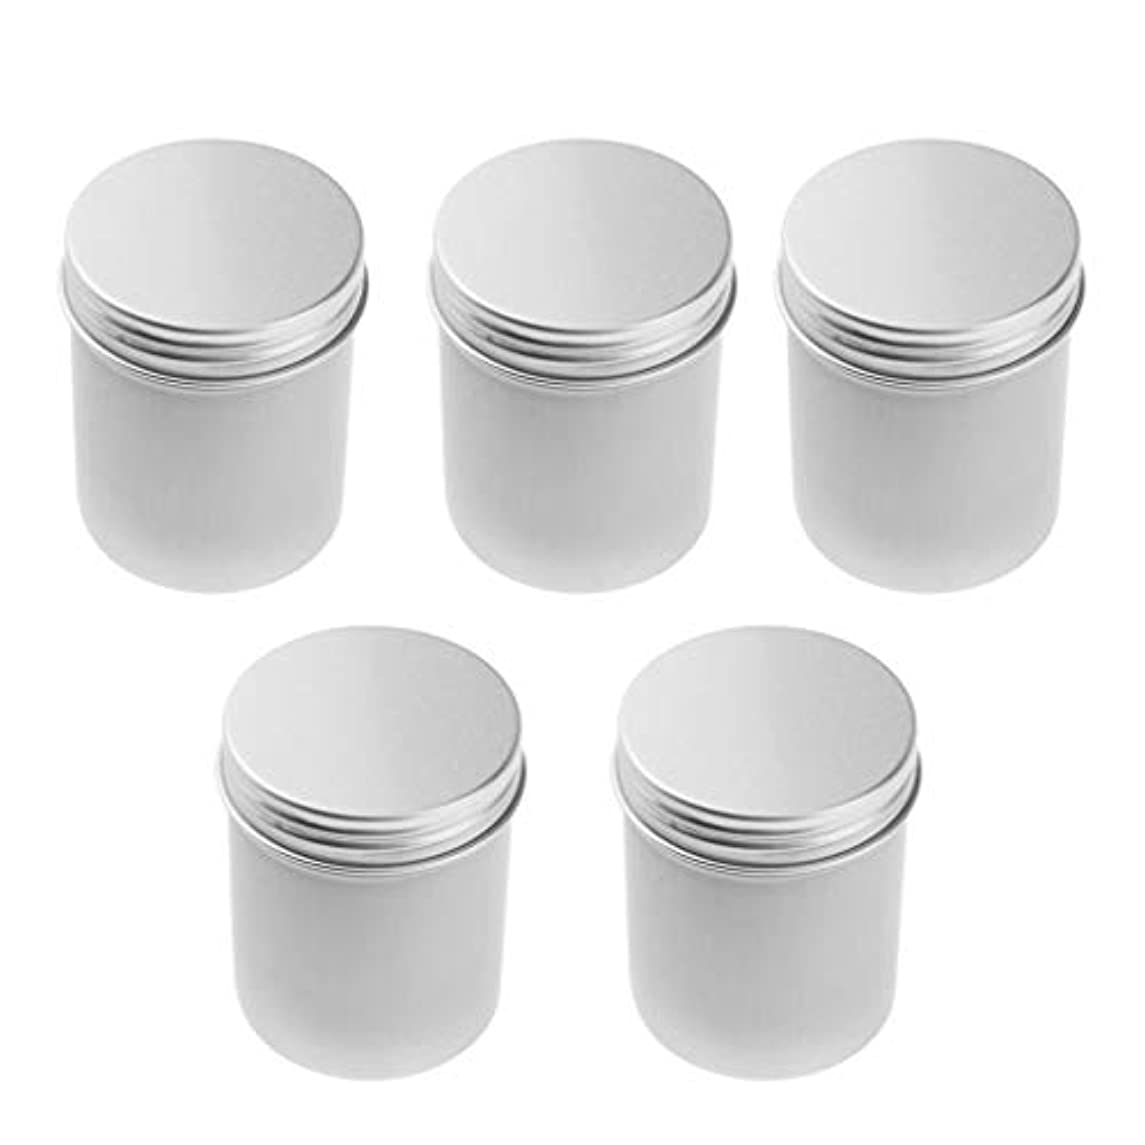 不完全なキラウエア山湾IPOTCH アルミ缶 ポット コスメ 化粧品 詰替え容器 缶 ネジ蓋 高級アルミ製 5本 80ミリリットル 汎用